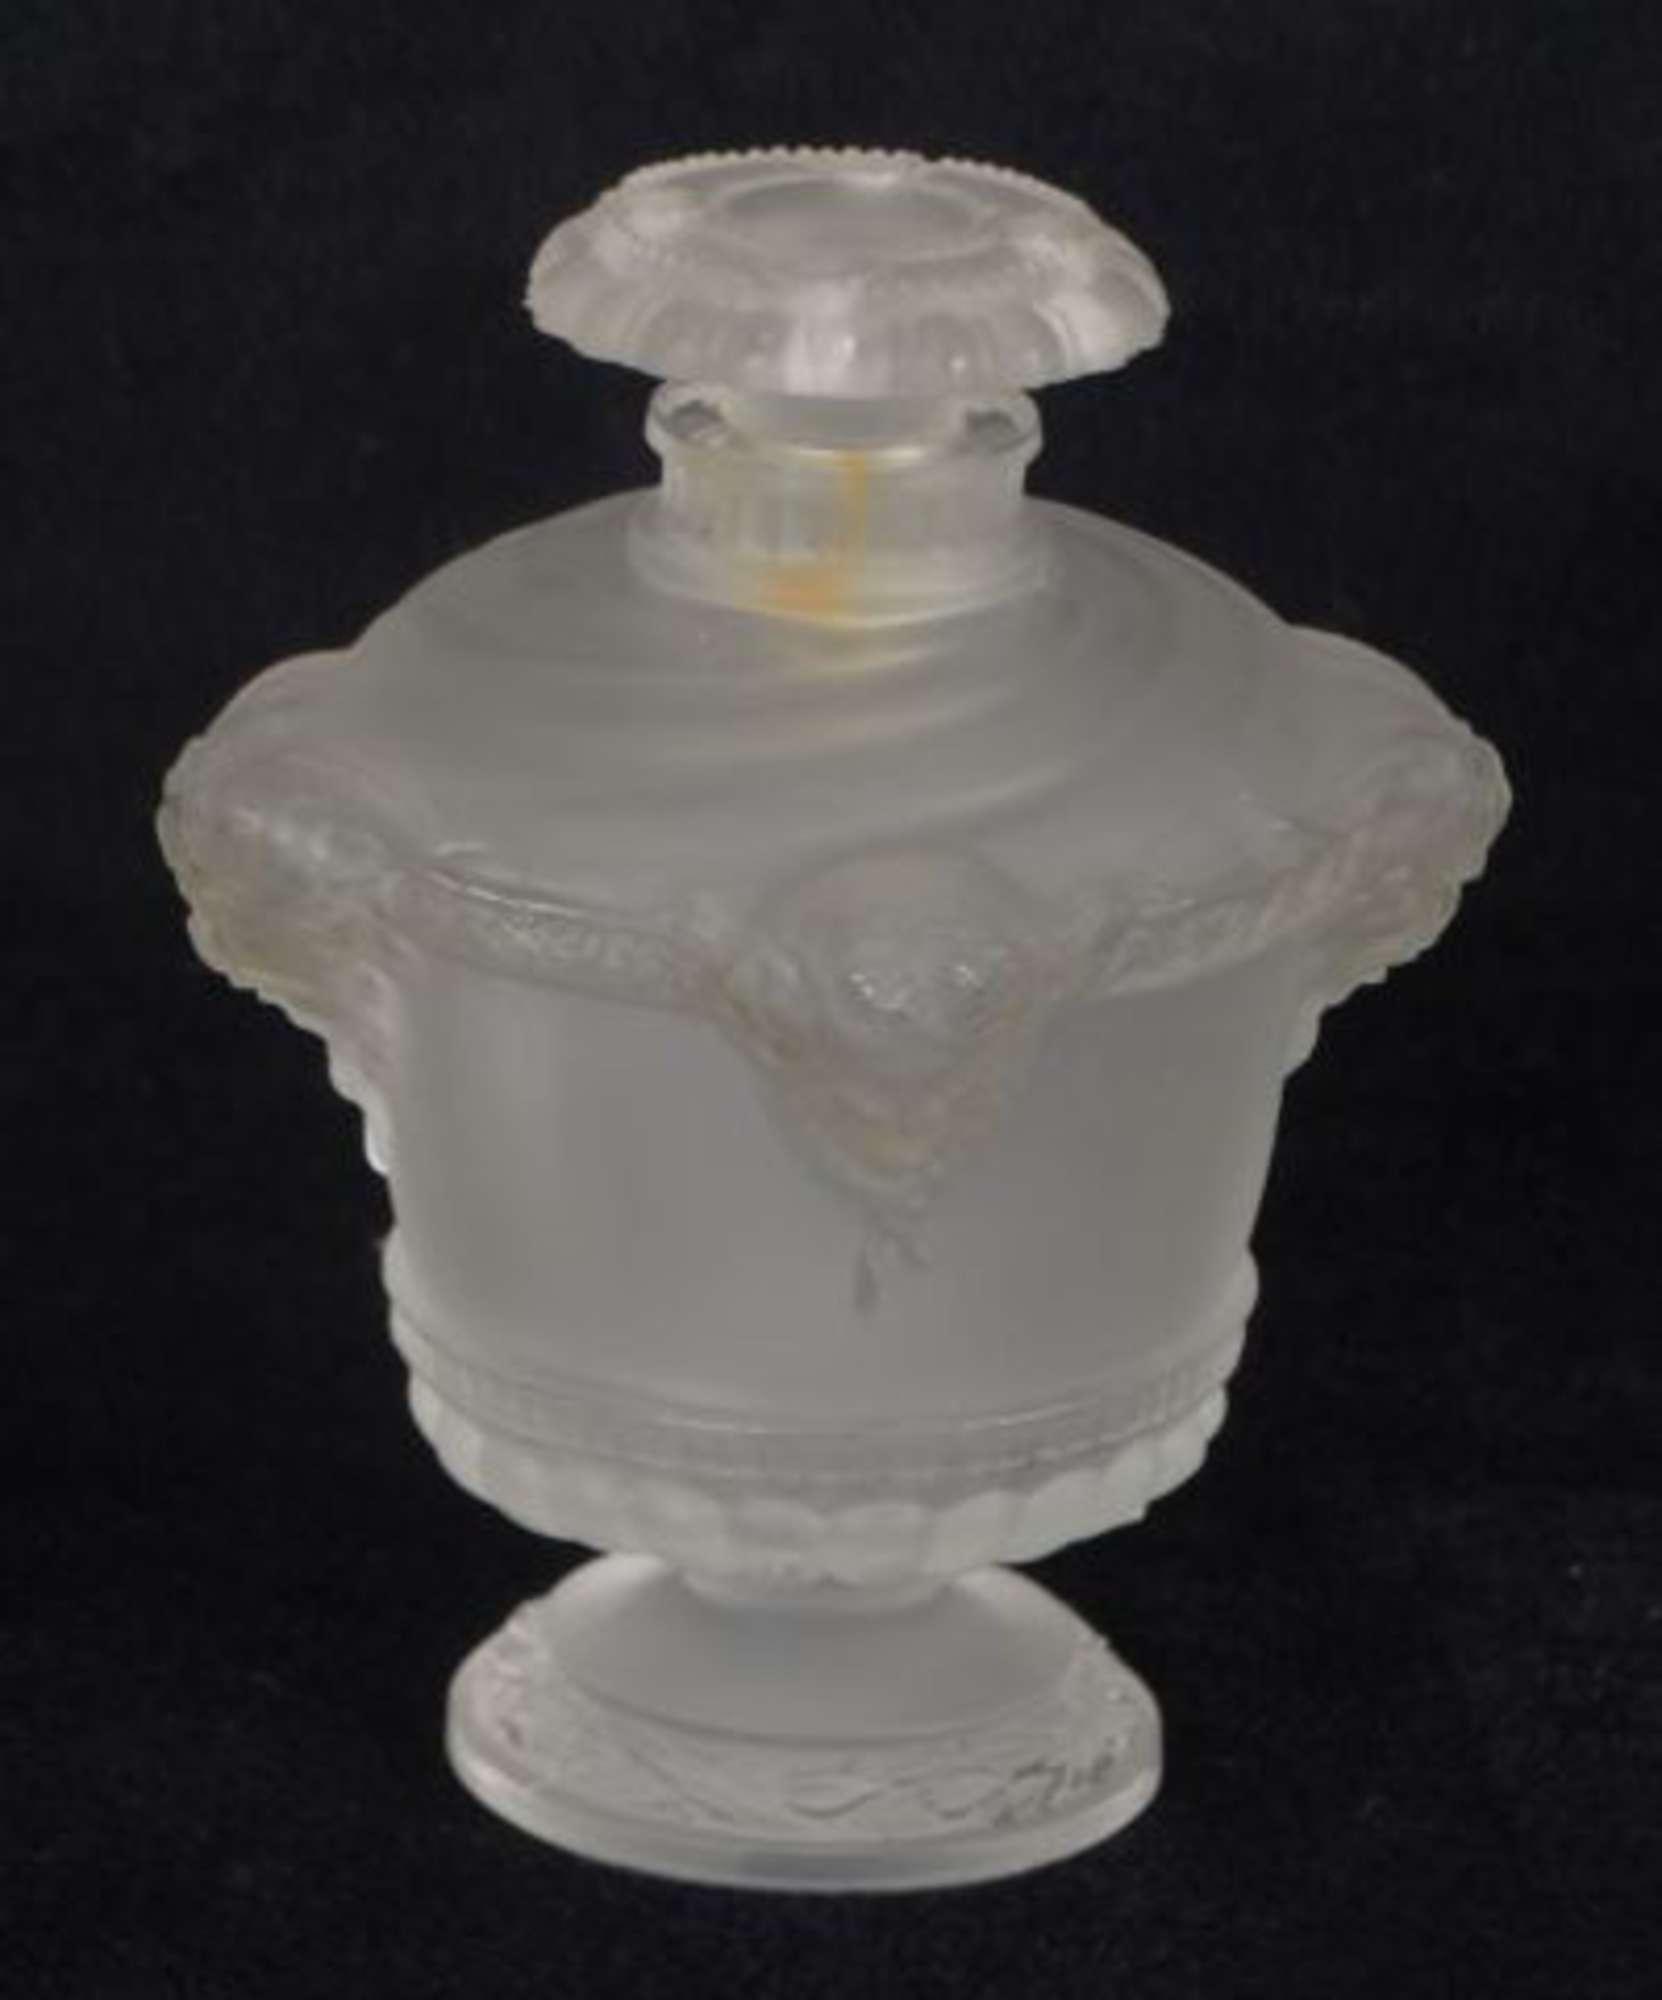 lalique ren 1860 1945 pour guerlain bouquet de faunes. Black Bedroom Furniture Sets. Home Design Ideas